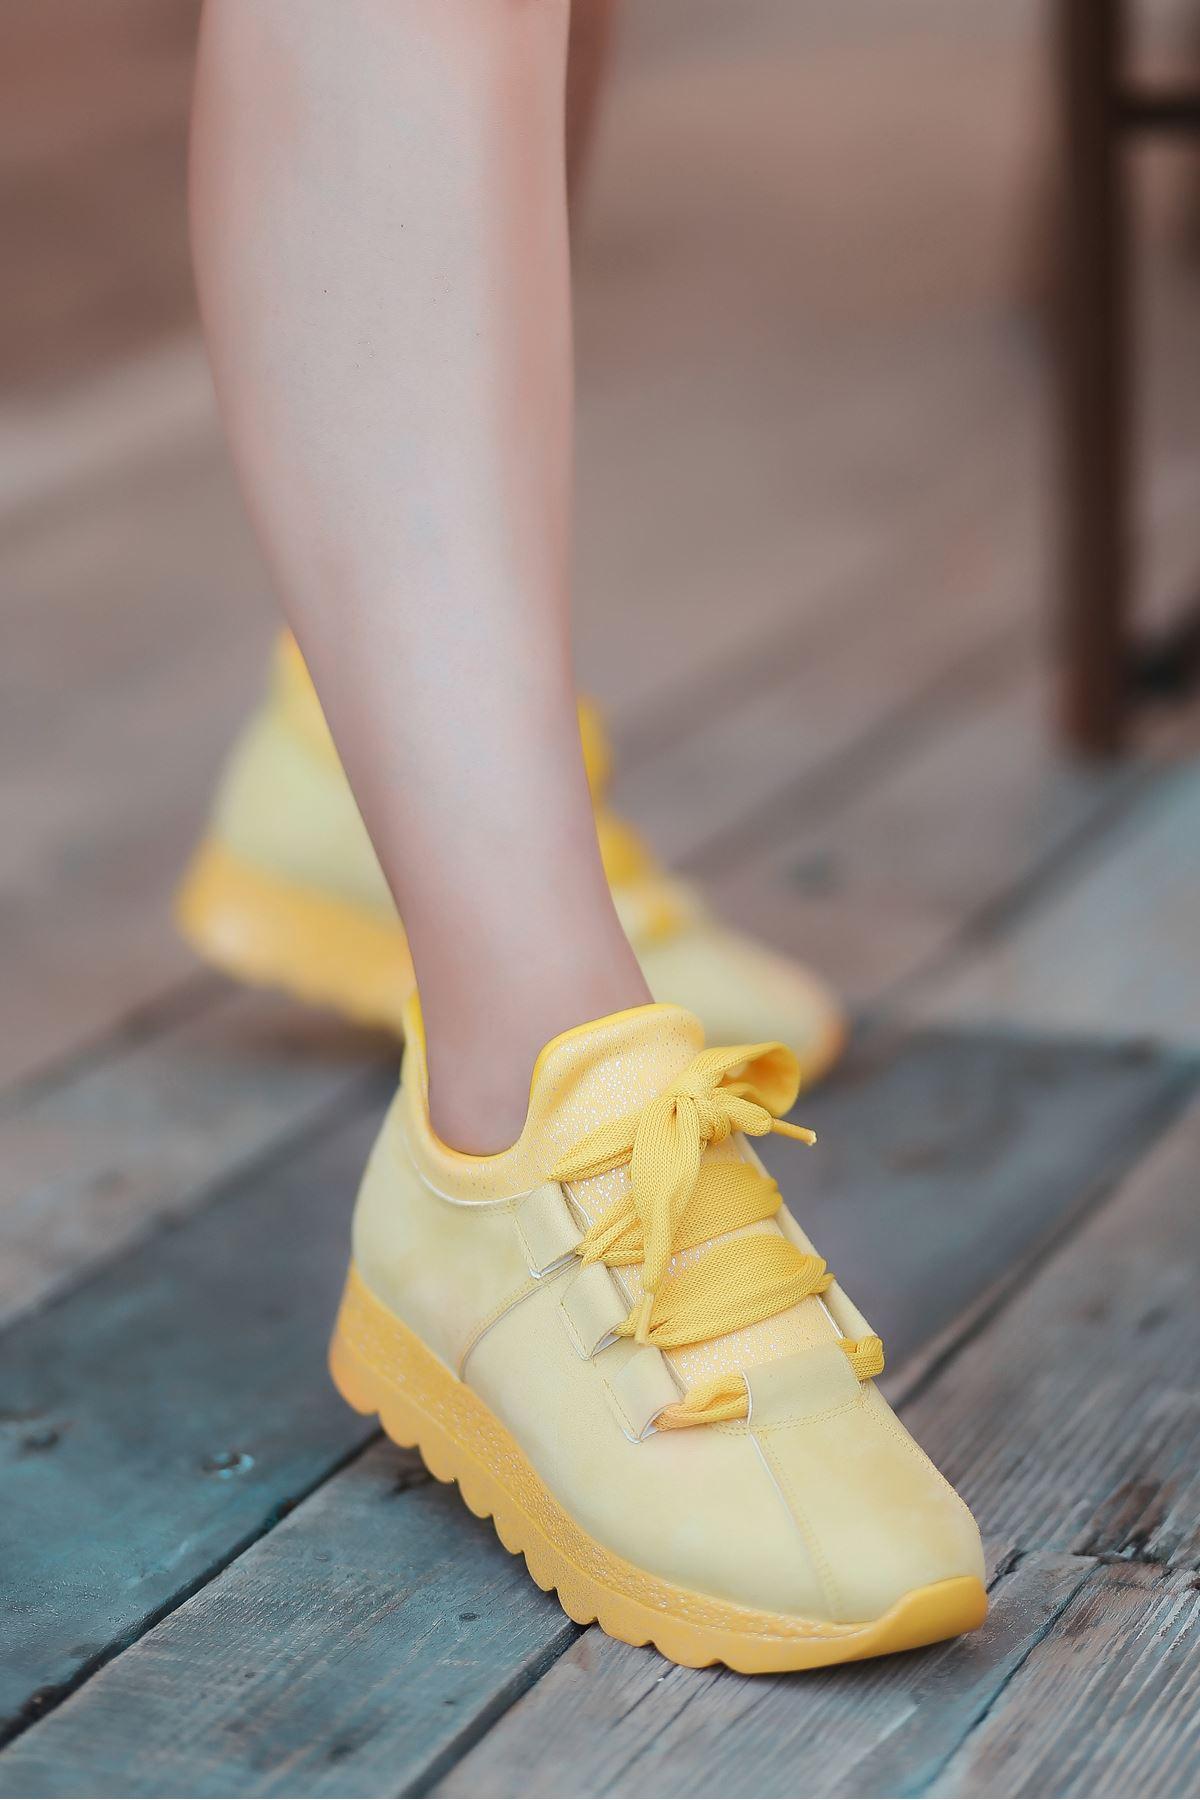 Arissa Sarı Bağcık Detay Kadın Spor Ayakkabı